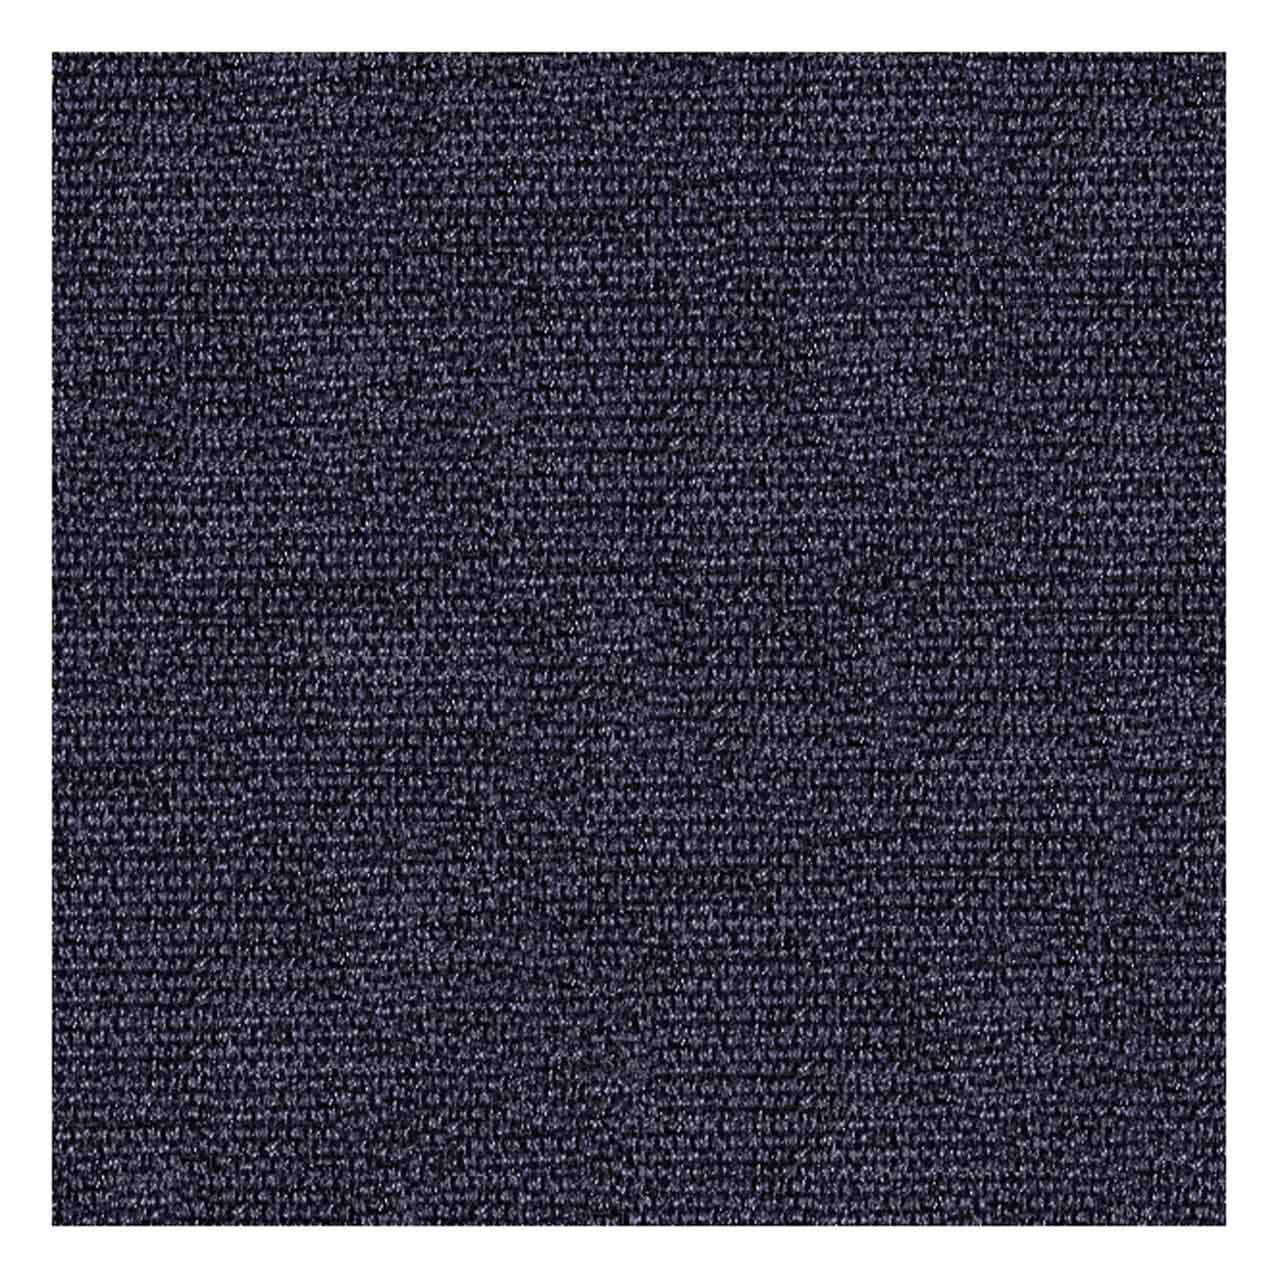 6 X 8 Tillman 596B Heavy Duty Welding Blanket